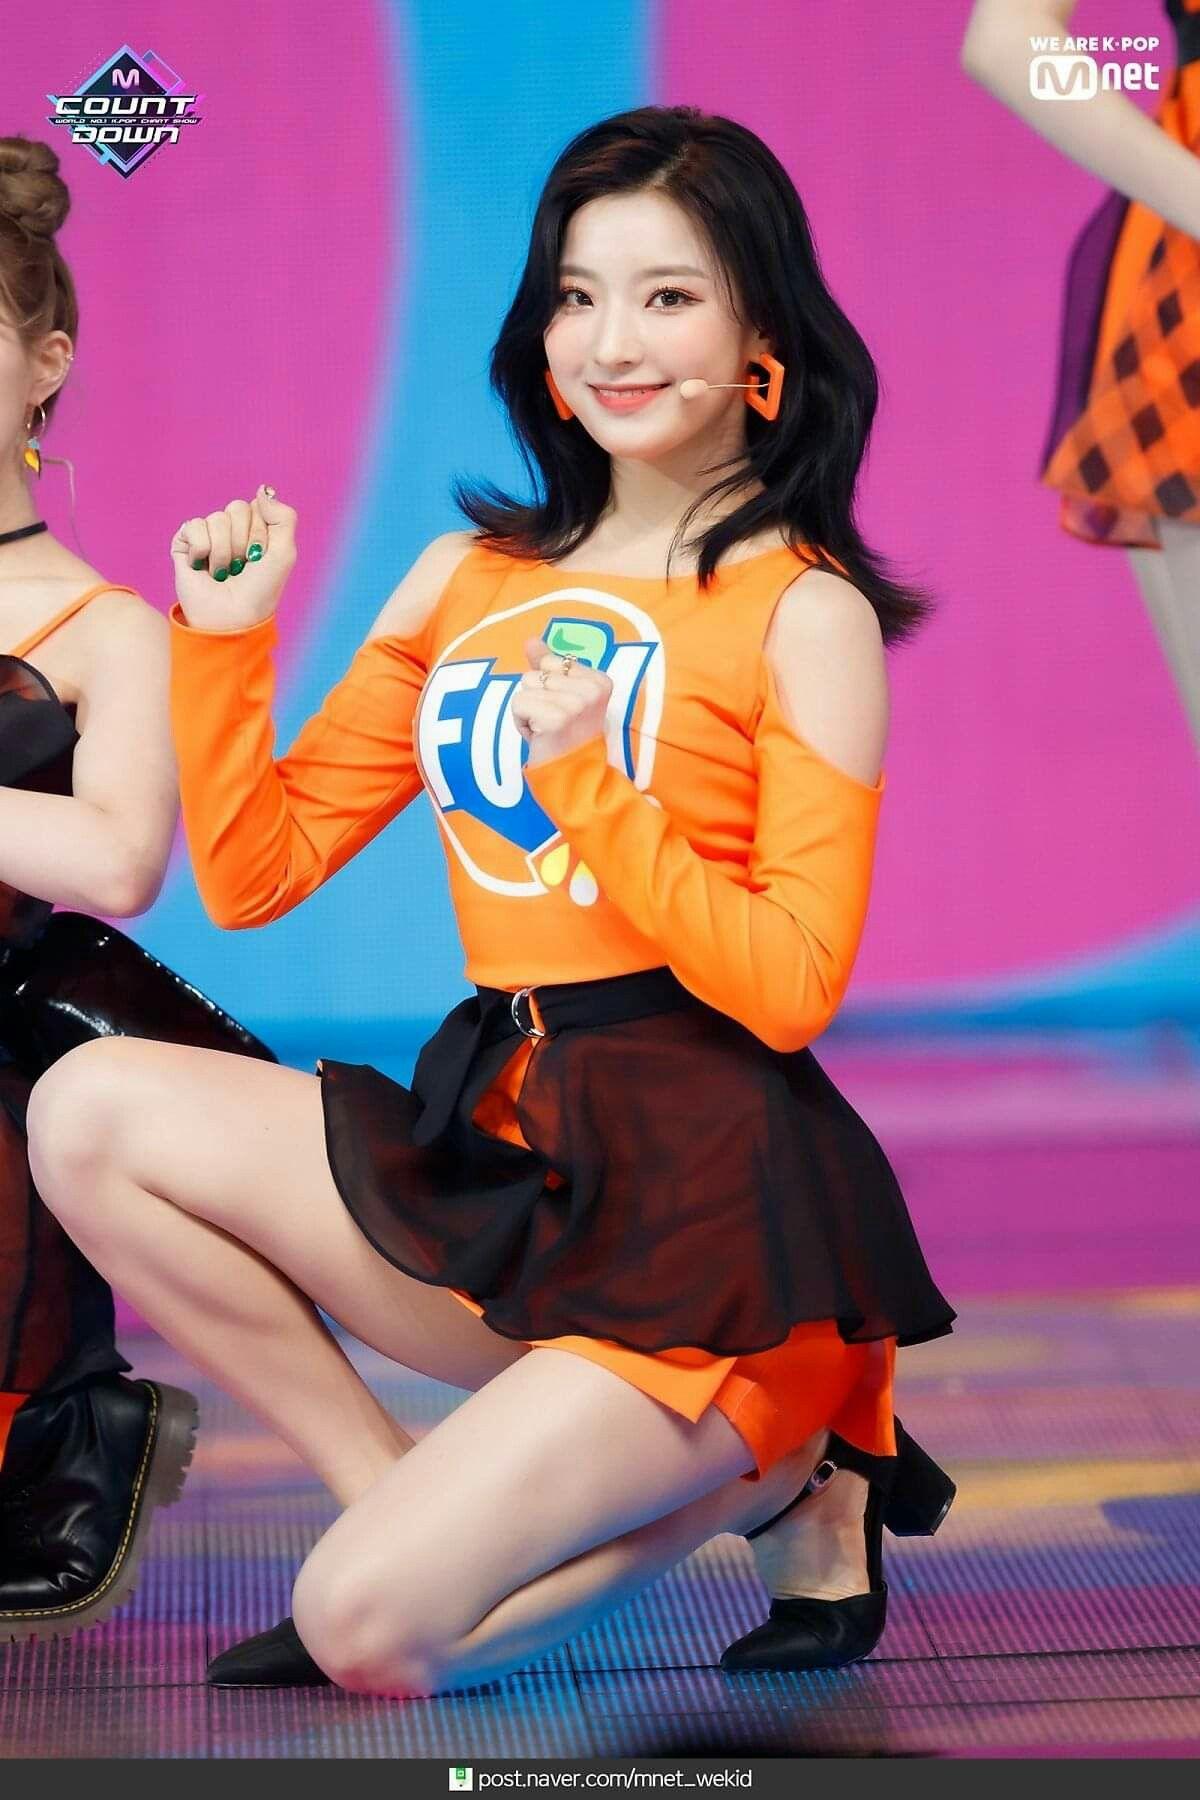 李賽綸 Lee Sae Rom 이새롬 Kpop girls, Kpop fashion, Event